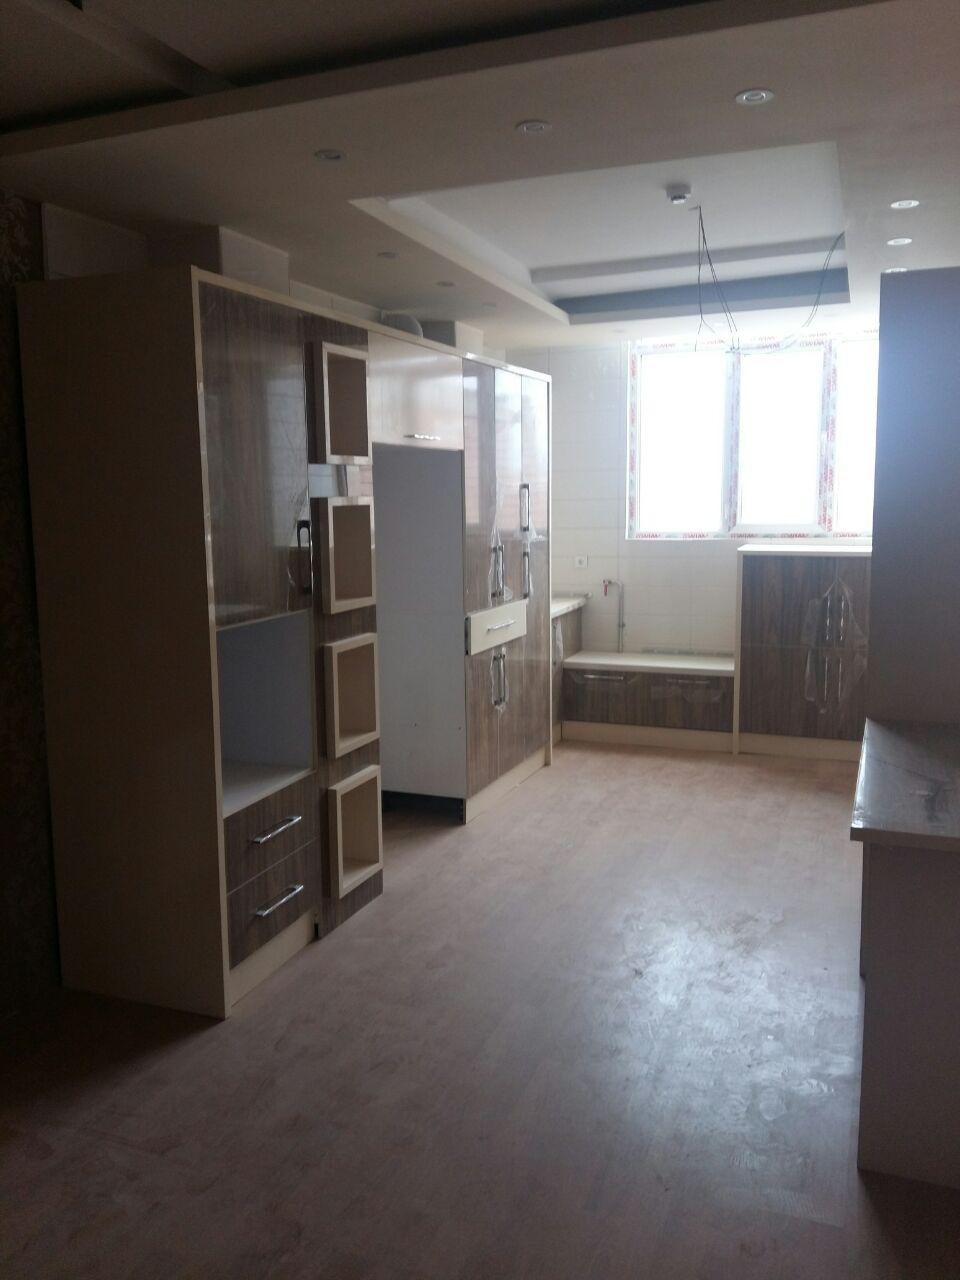 فروش طبقه ششم از آپارتمان 6 طبقه در شهرک آزادی